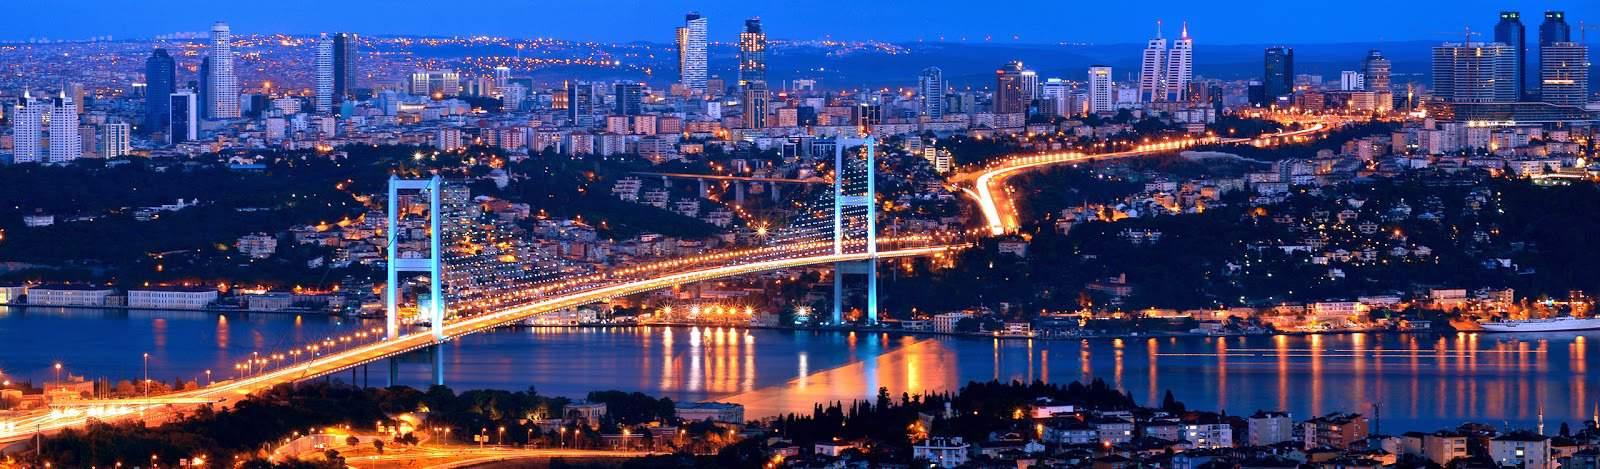 أفضل موقع فندق في إسطنبول